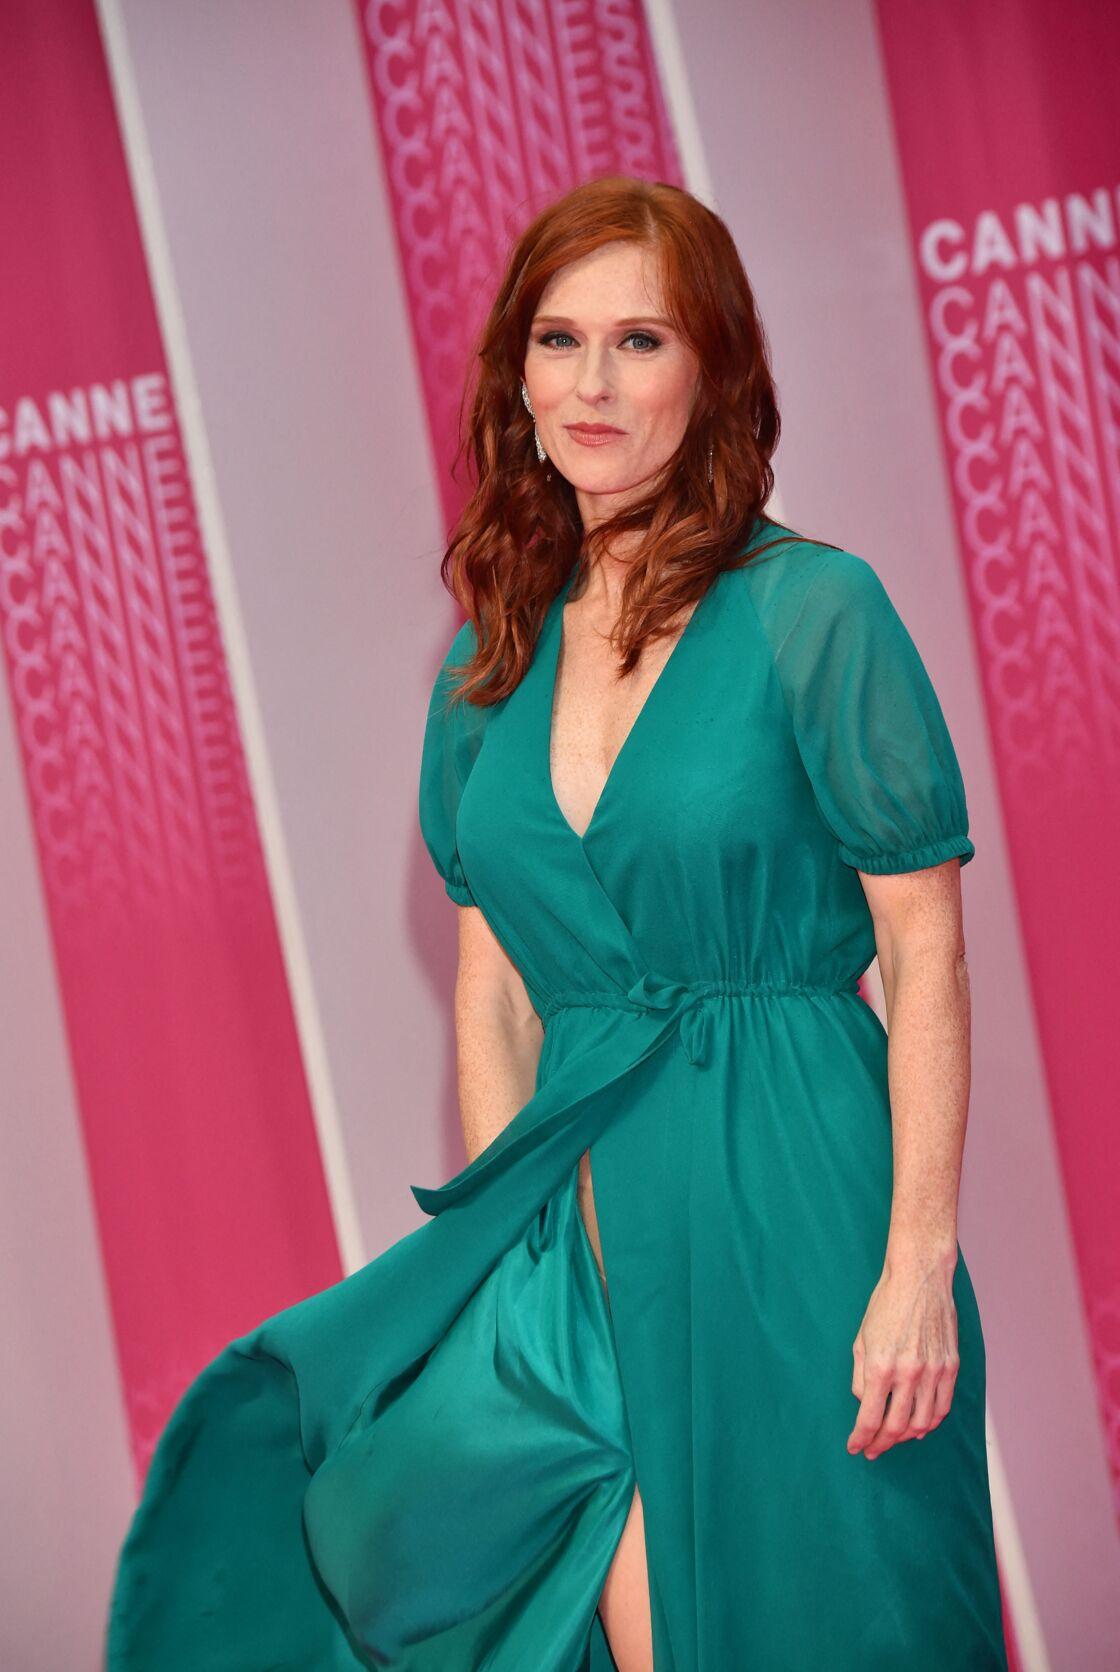 Audrey Fleurot adepte du décolleté éblouit le tapis rouge de Cannes en robe estivale turquoise